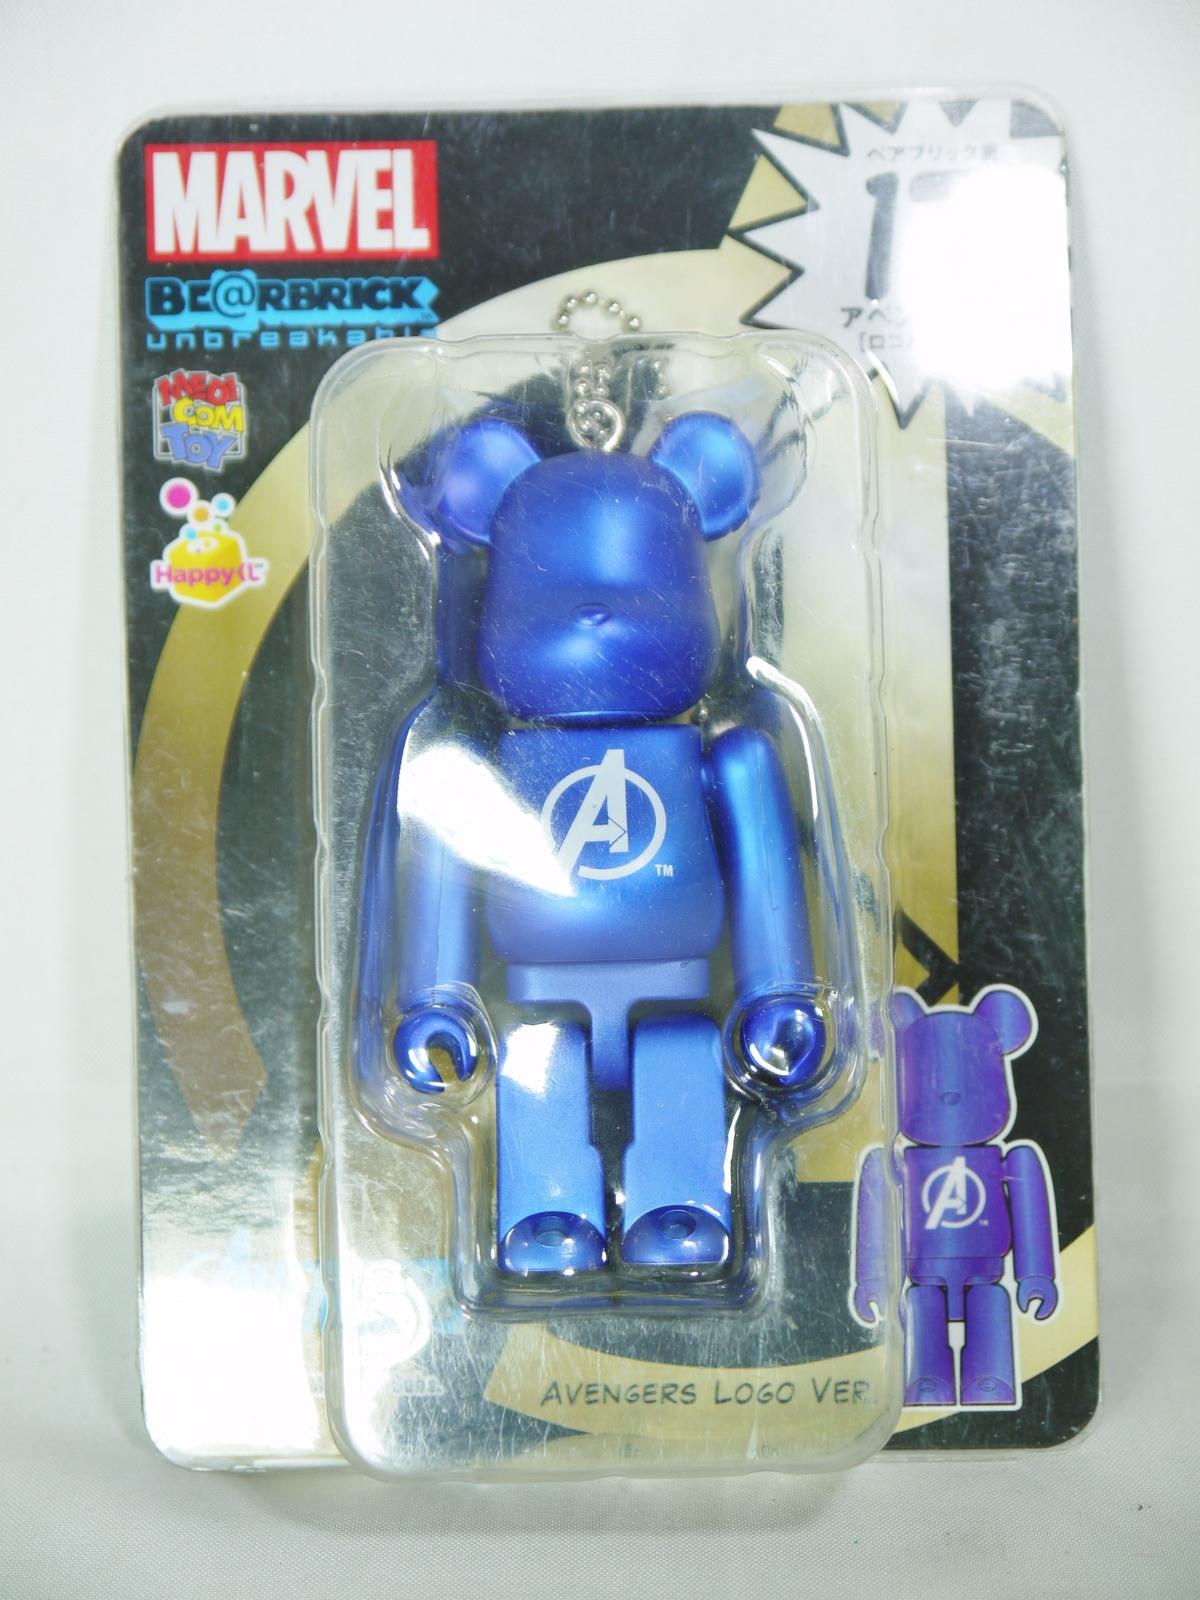 Bearbrick marvel avengers logo blue  1